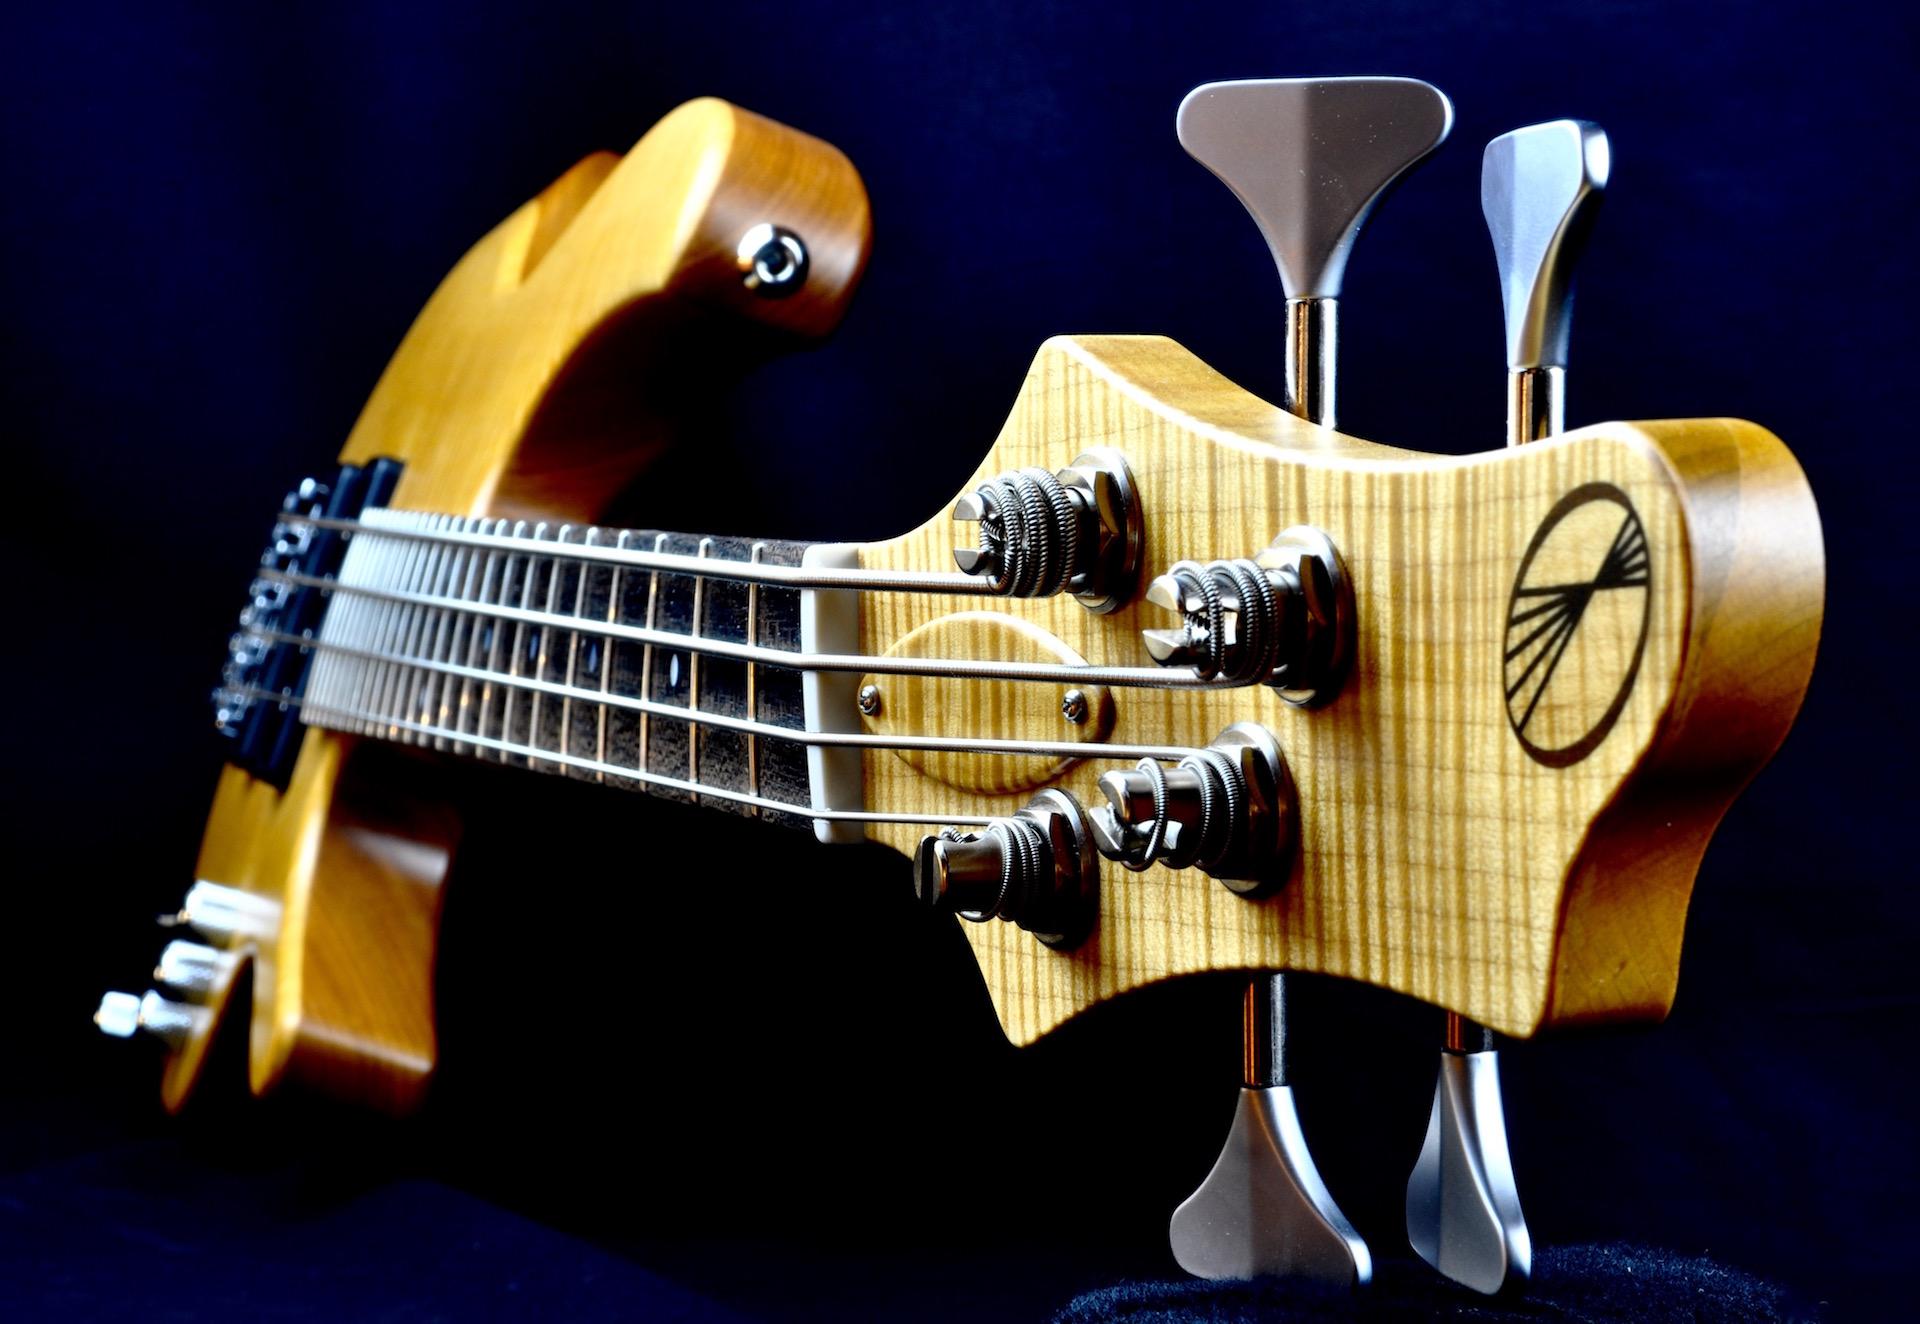 Torzal_Guitars_Natural_Twist_Content_2.jpg